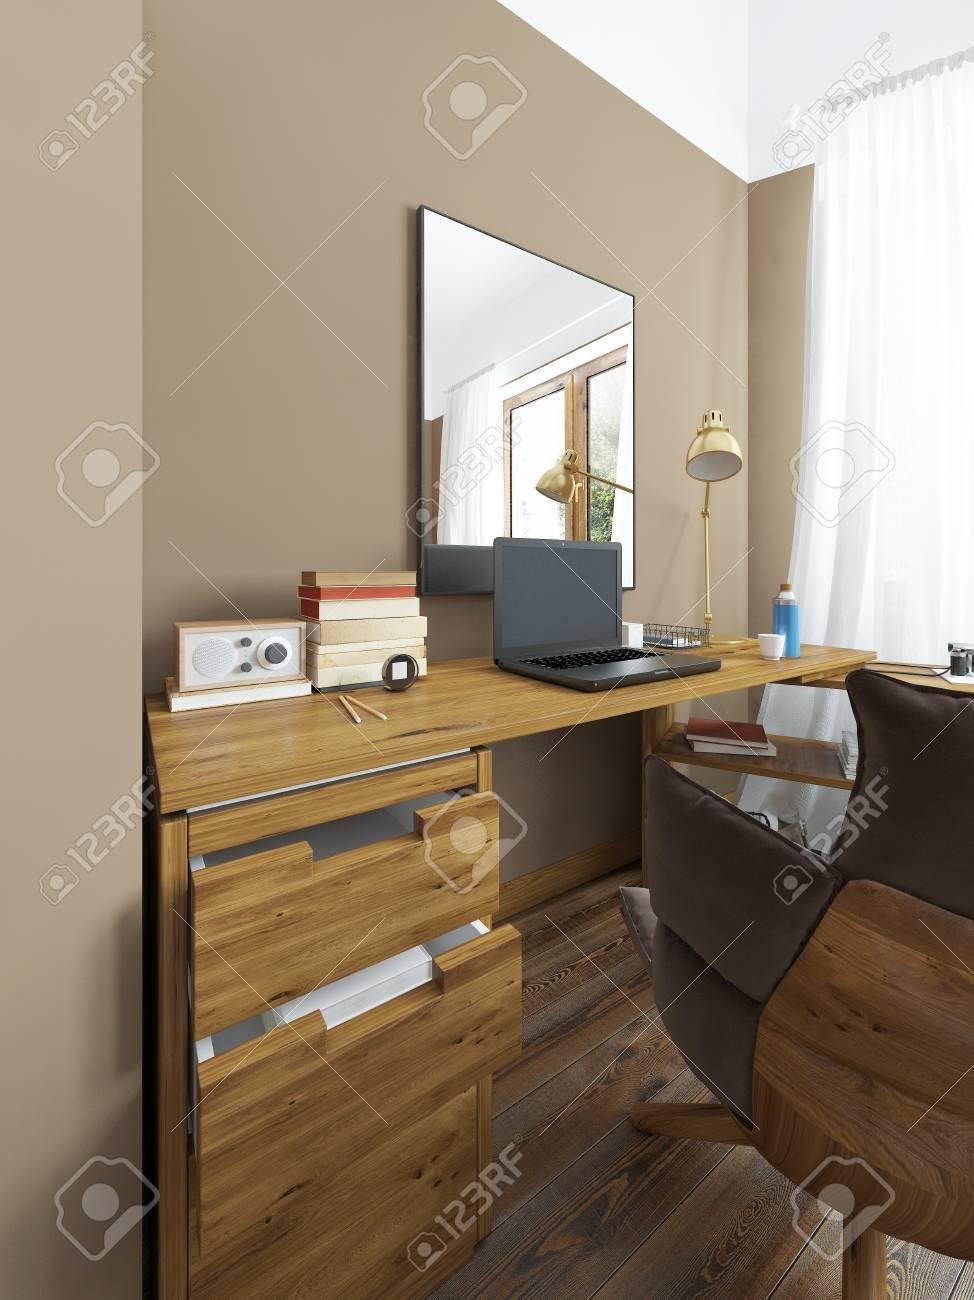 Full Size of Massivholz Schlafzimmer Schreibtisch In Einem Komplett Guenstig Landhausstil Weiß Günstige Stuhl Set Mit Matratze Und Lattenrost Schrank Wandtattoo Schlafzimmer Massivholz Schlafzimmer